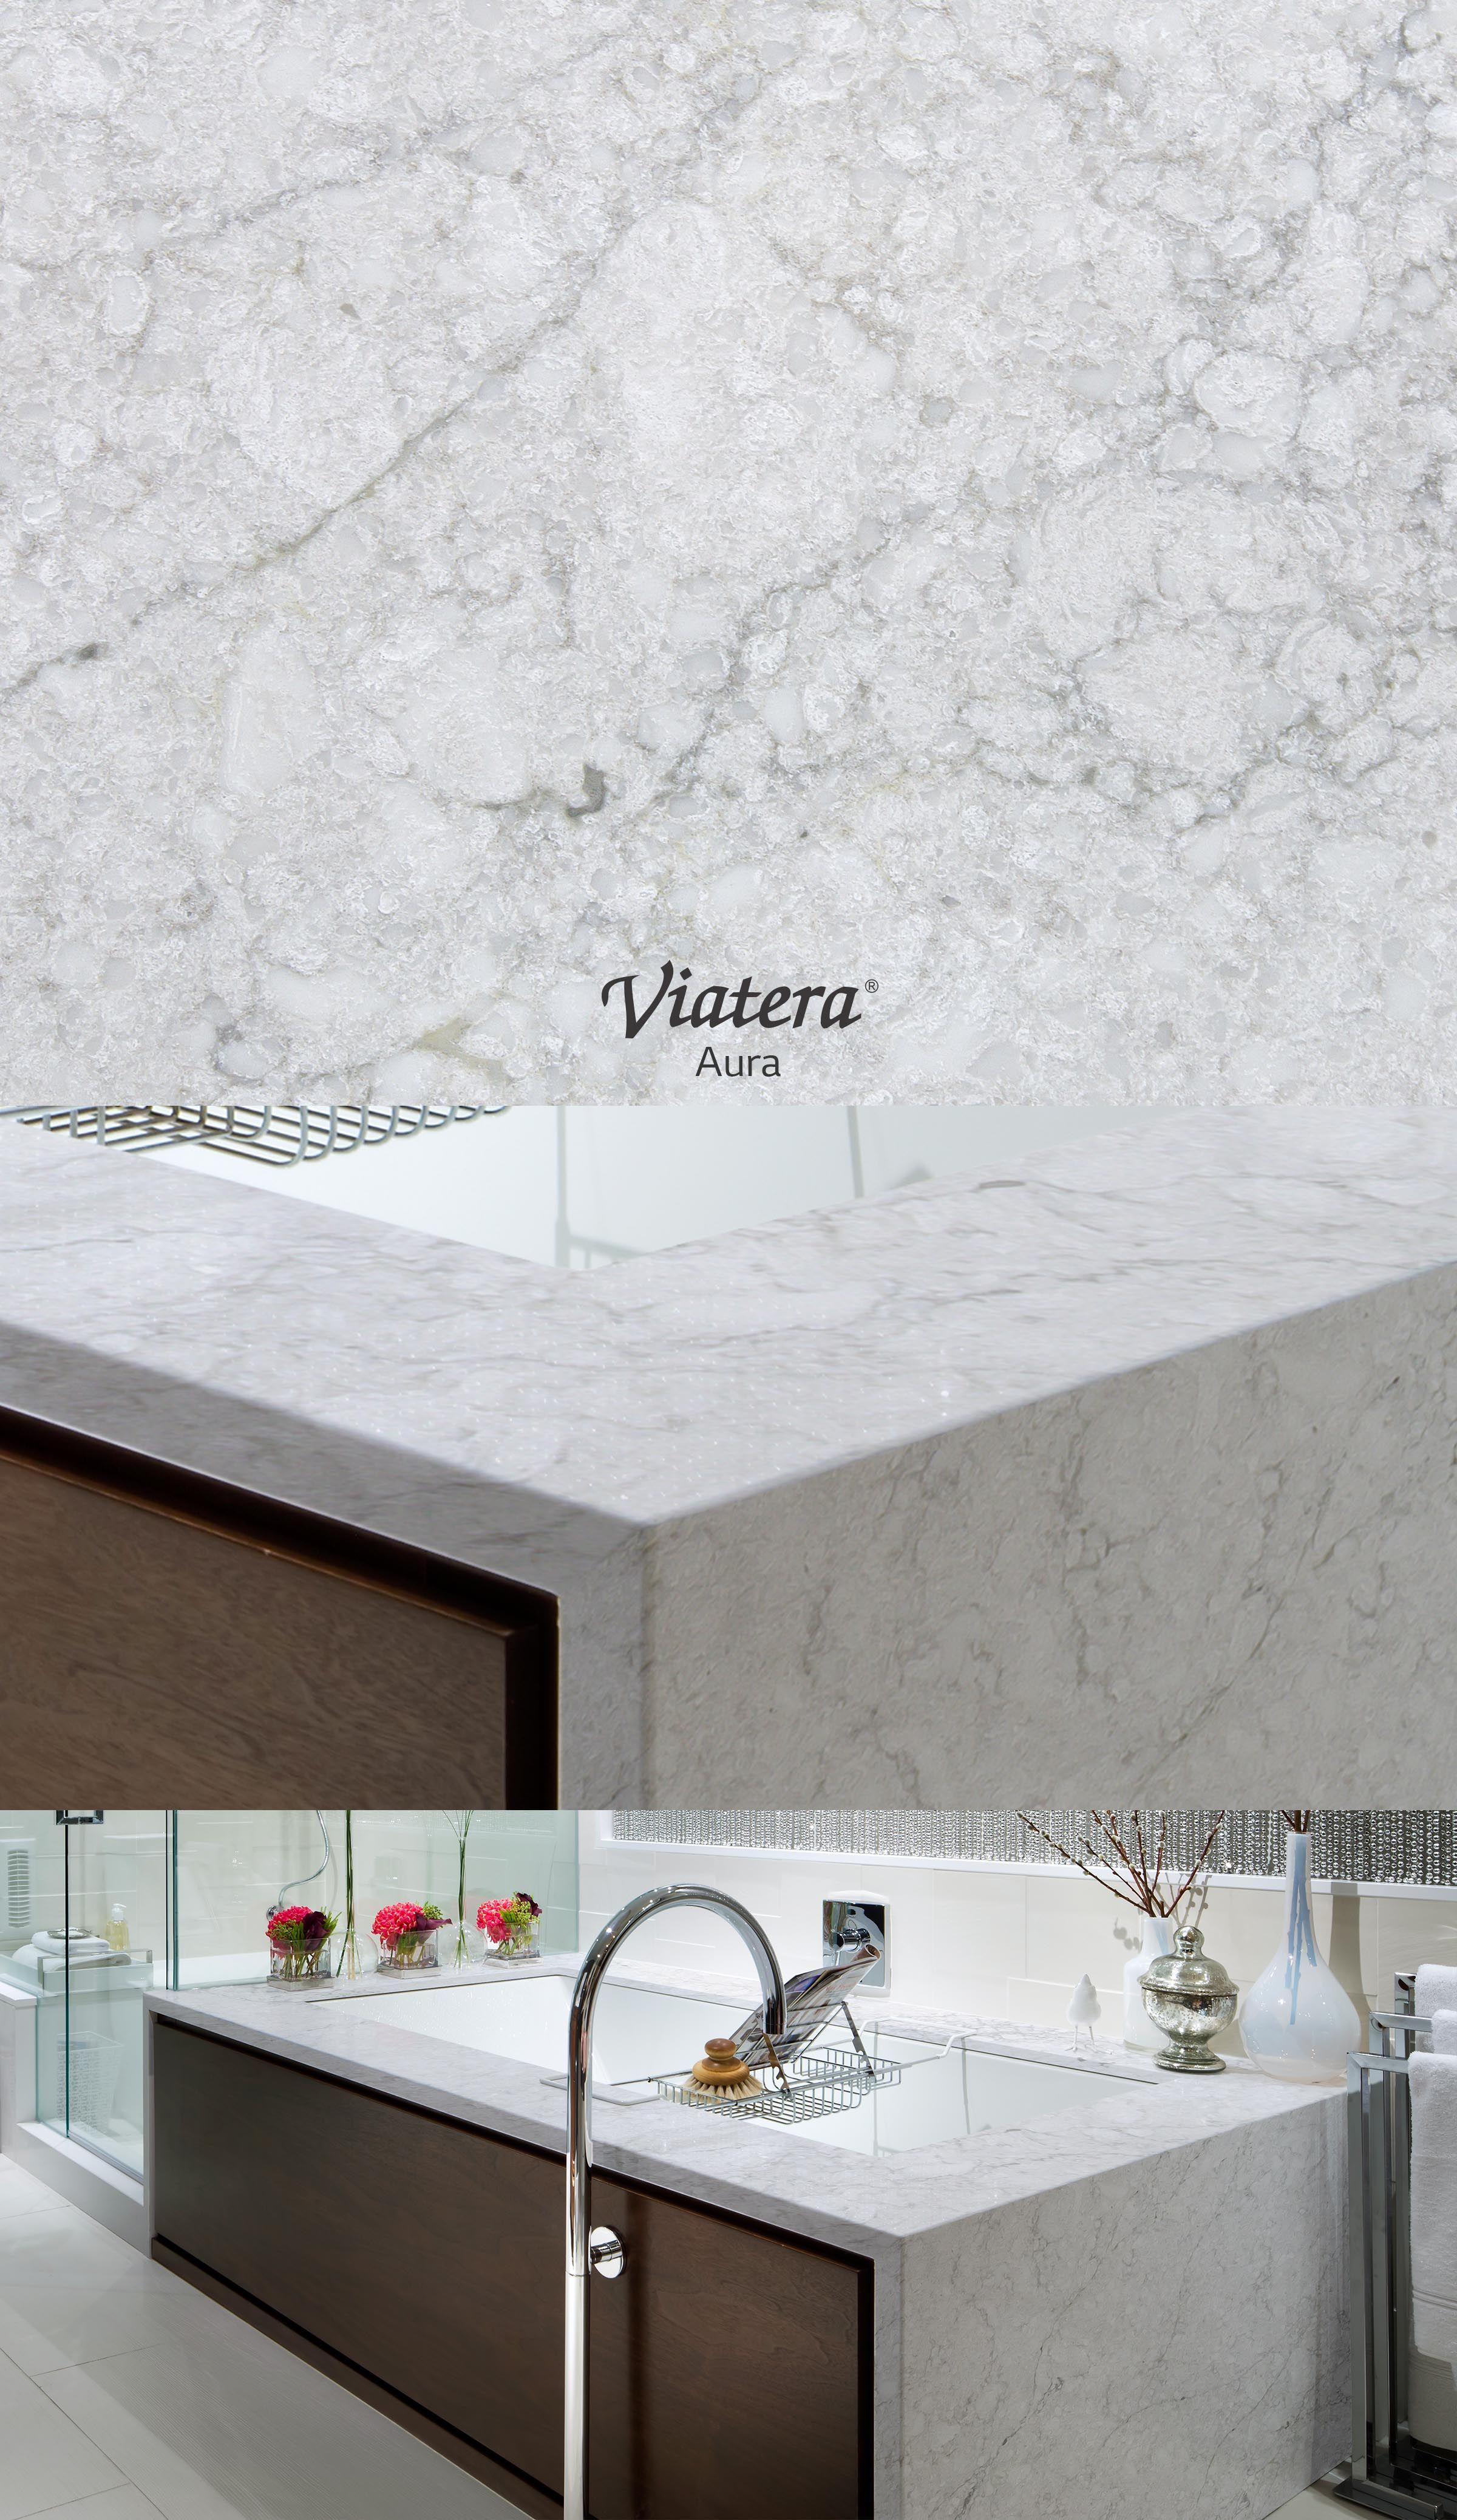 Viatera Aura L Quartz Countertop Grey Inspiration In